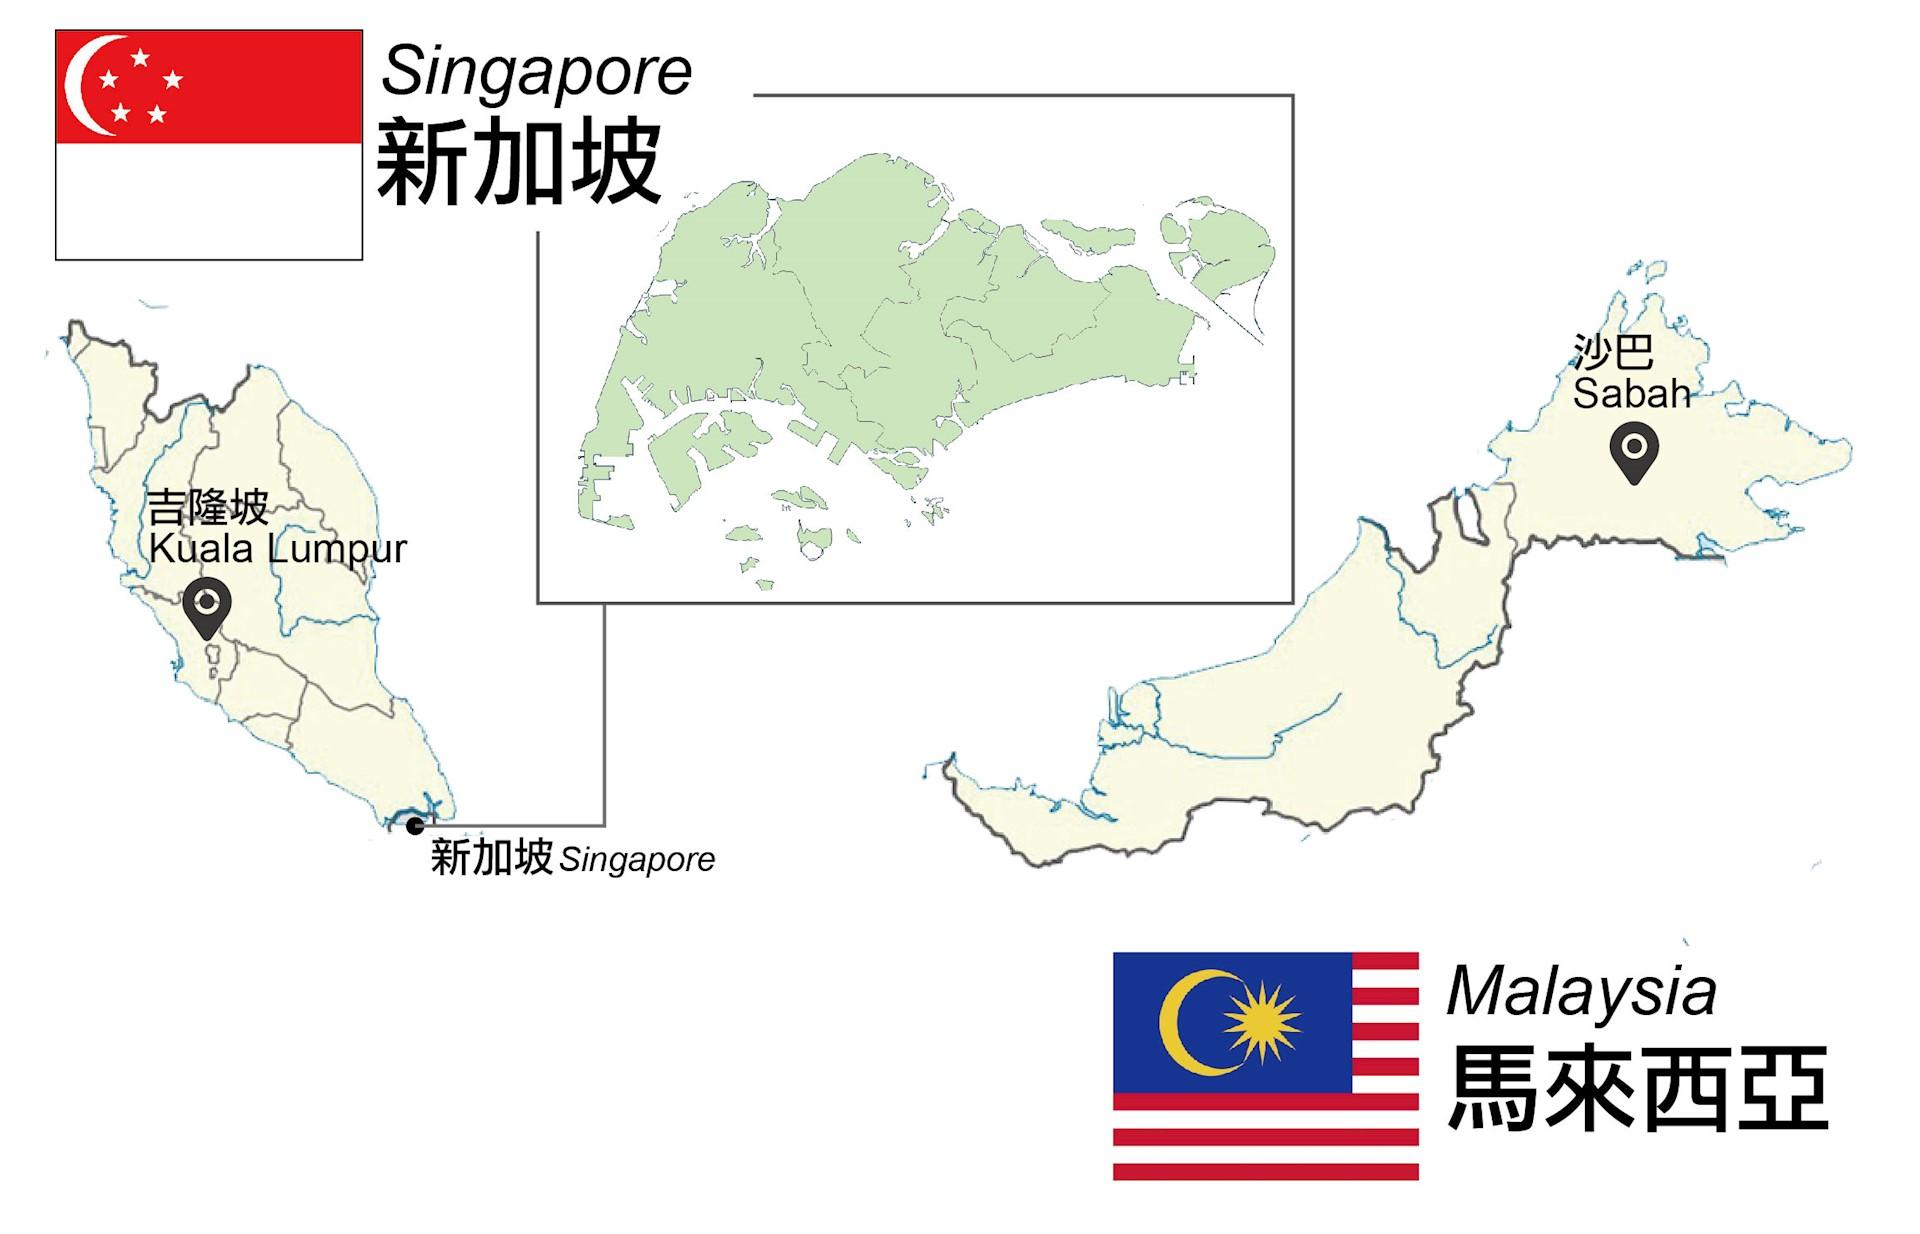 新加坡與馬來西亞